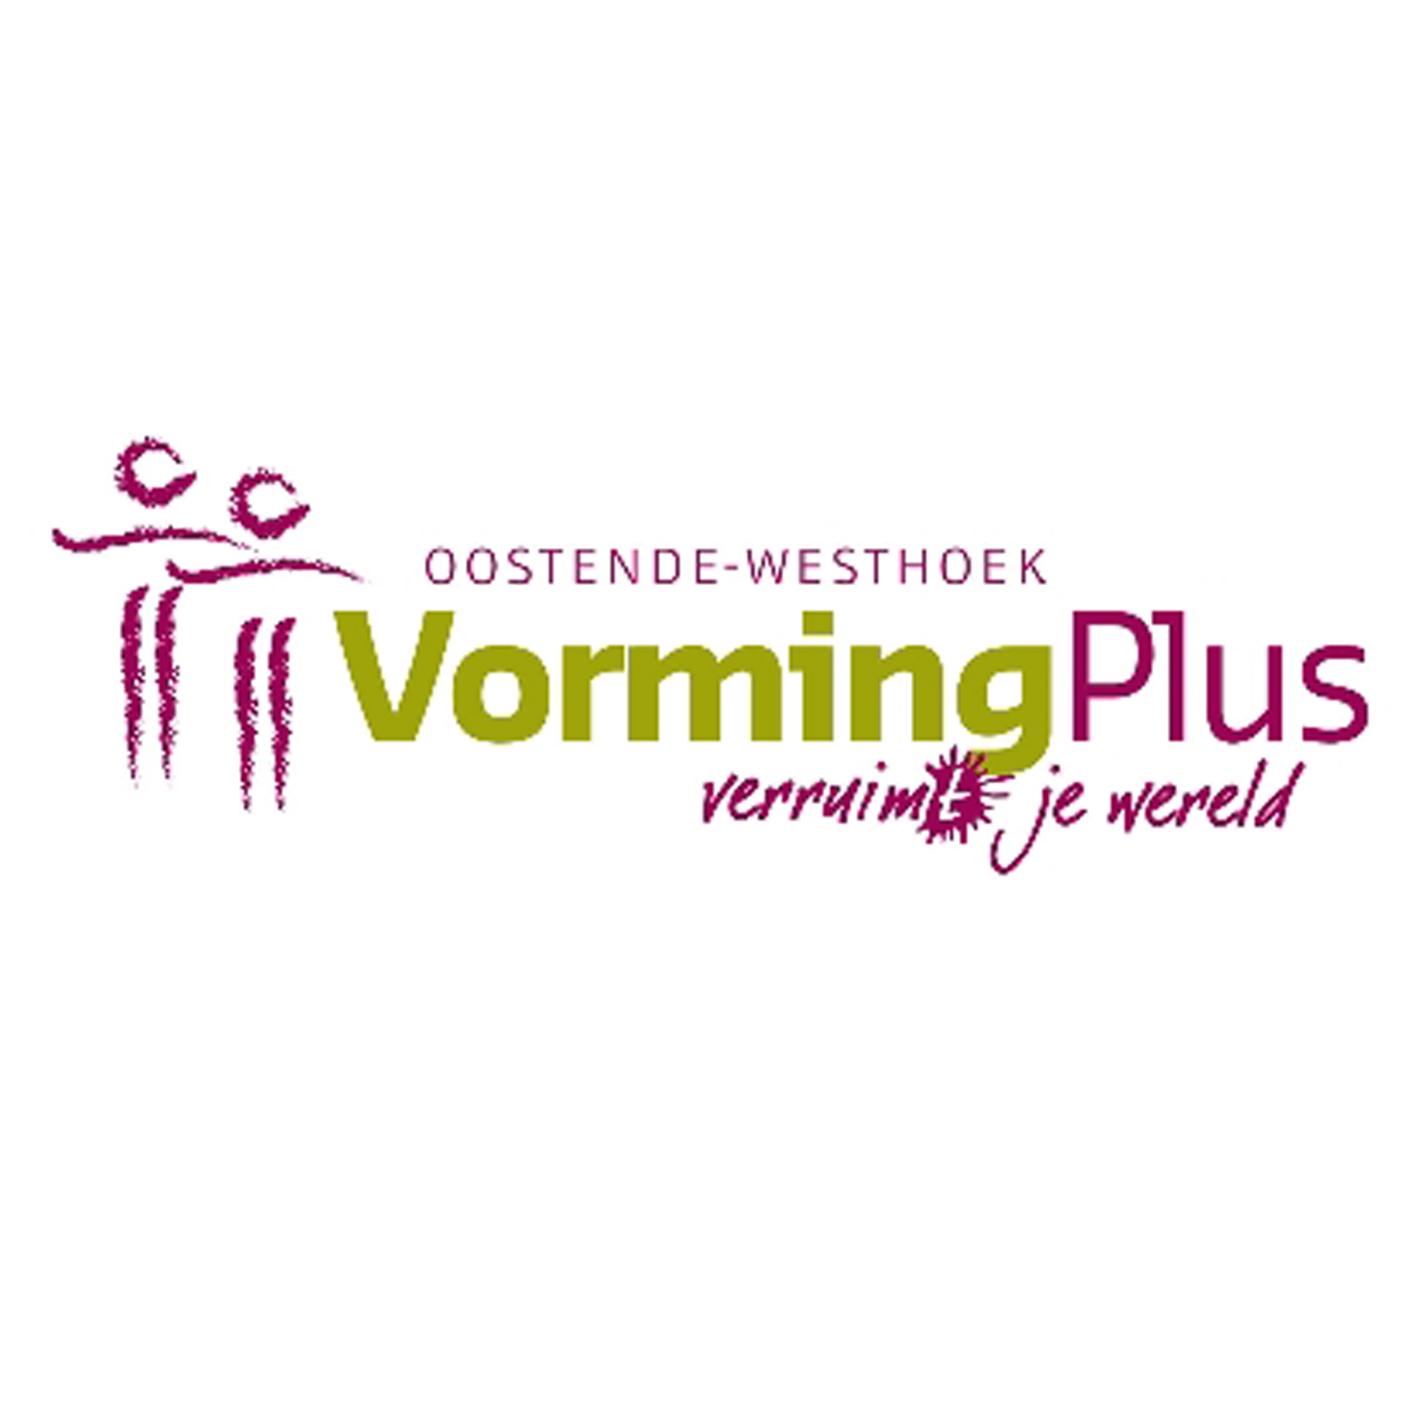 Vormingplus Oostende-Westhoek (Oostende)